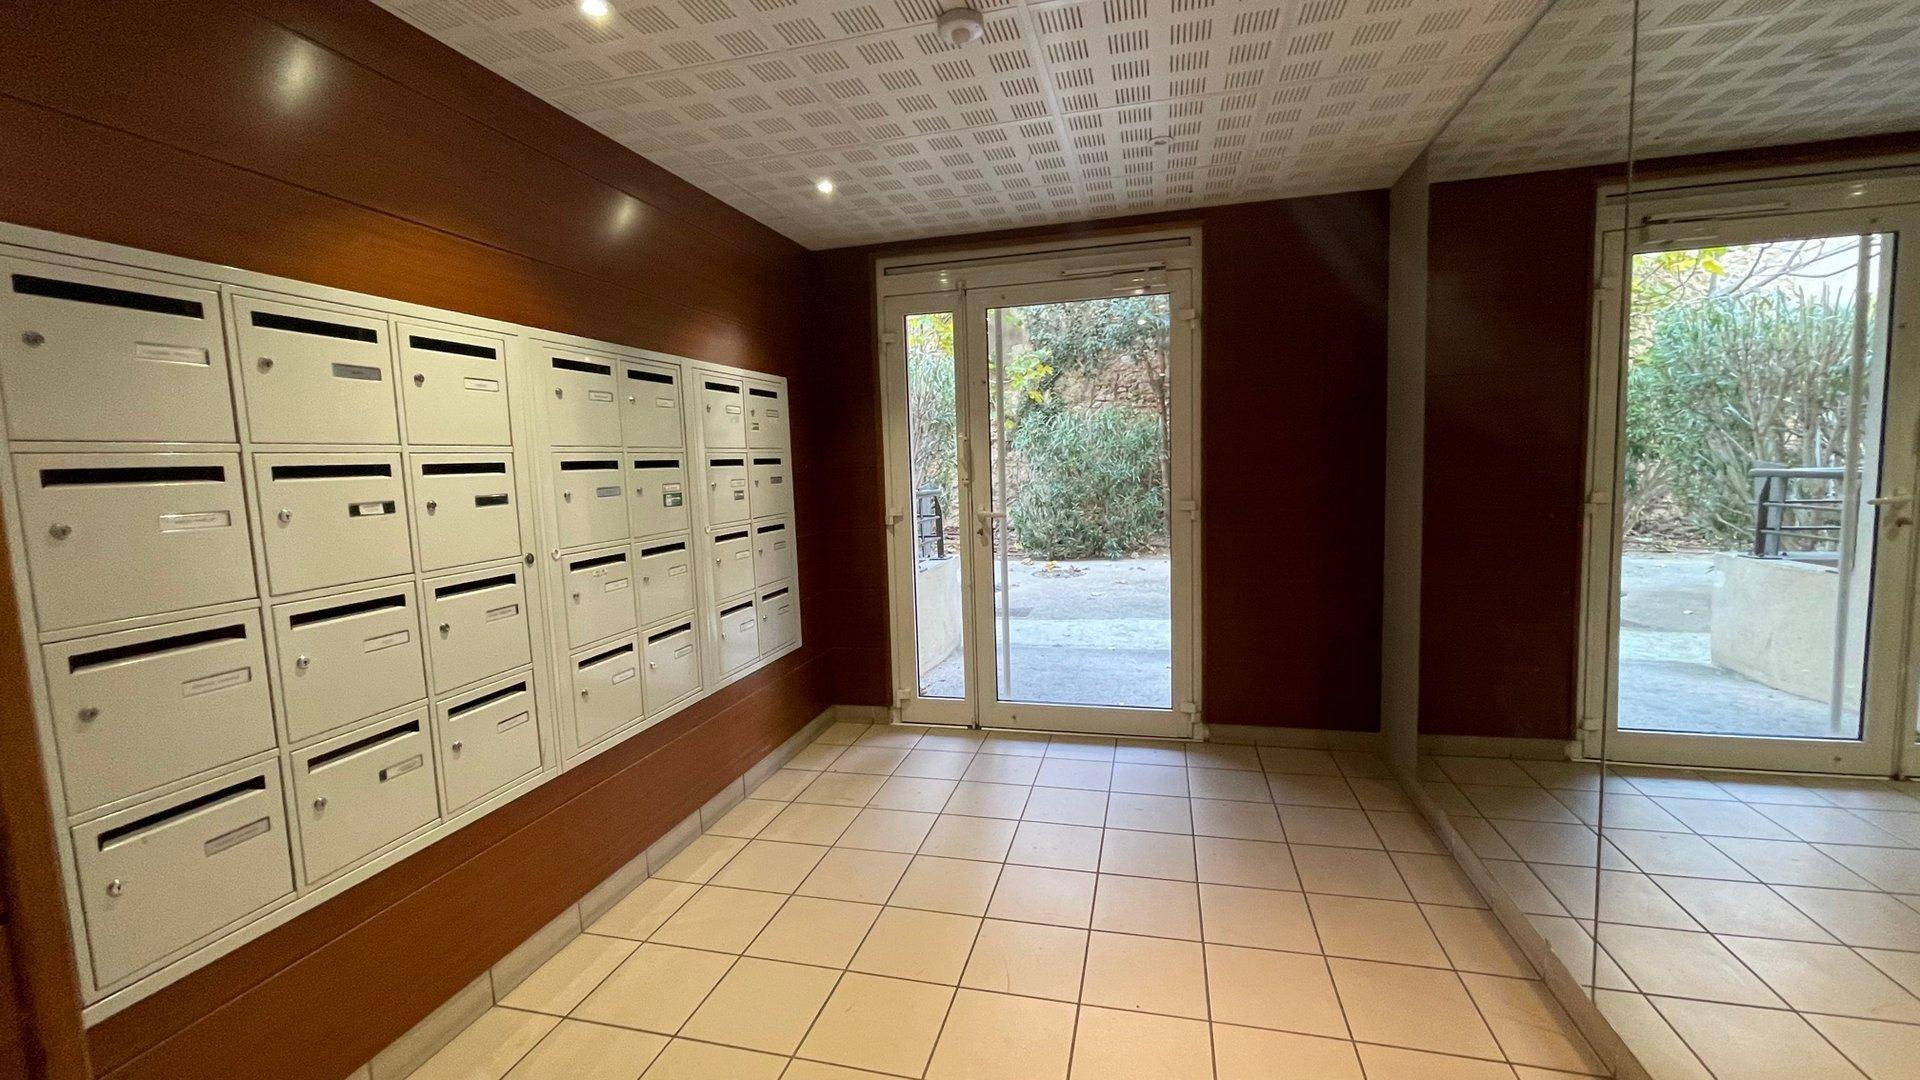 Appartement type 2, 49m², une chambre, box fermé, terrasse